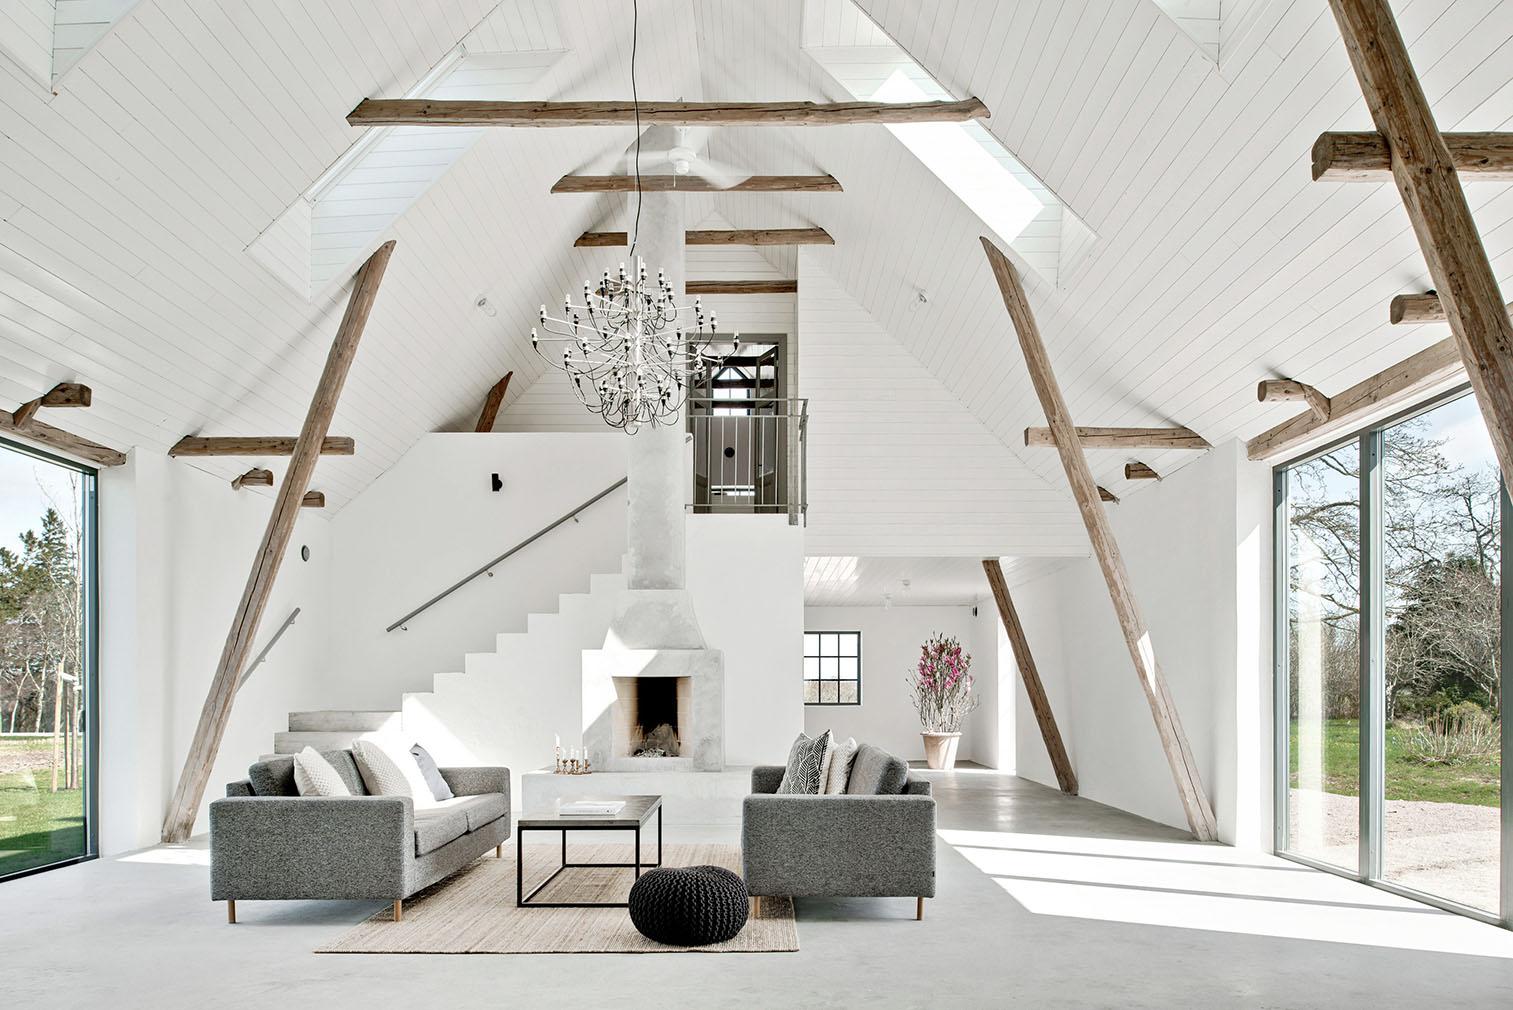 Property of the week: A lofty barn conversion in Sweden's Österlen